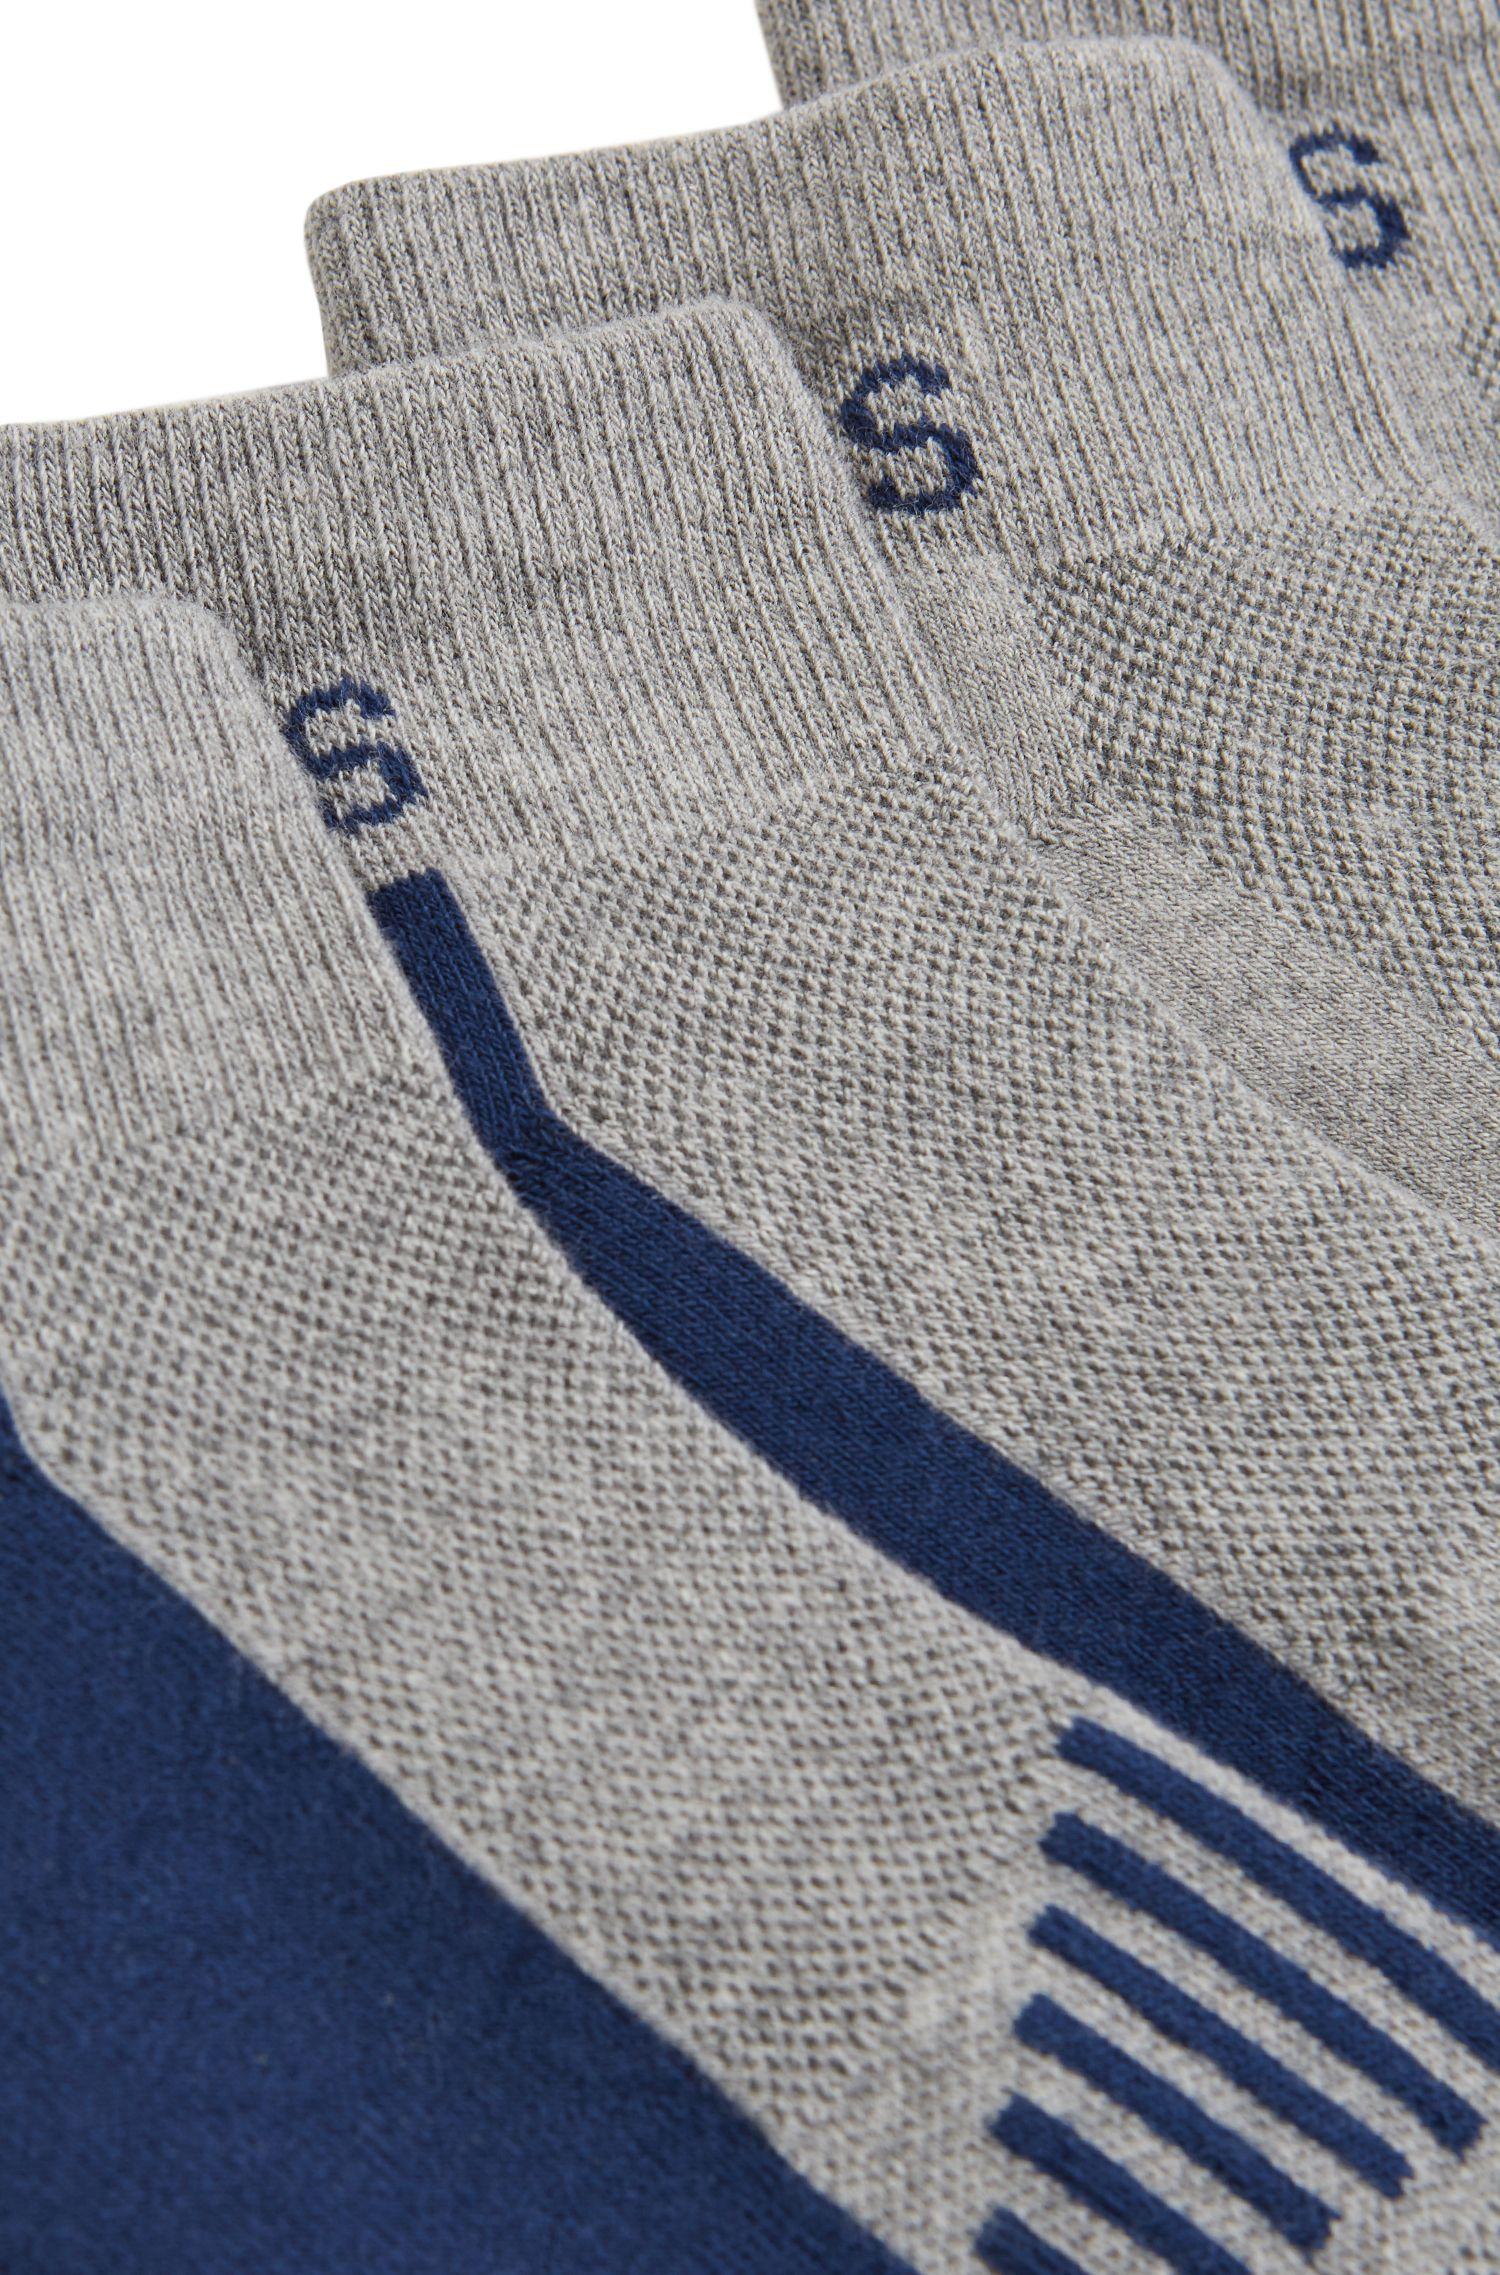 Chaussettes basses en maille piquée en lot de2, à effet coussin